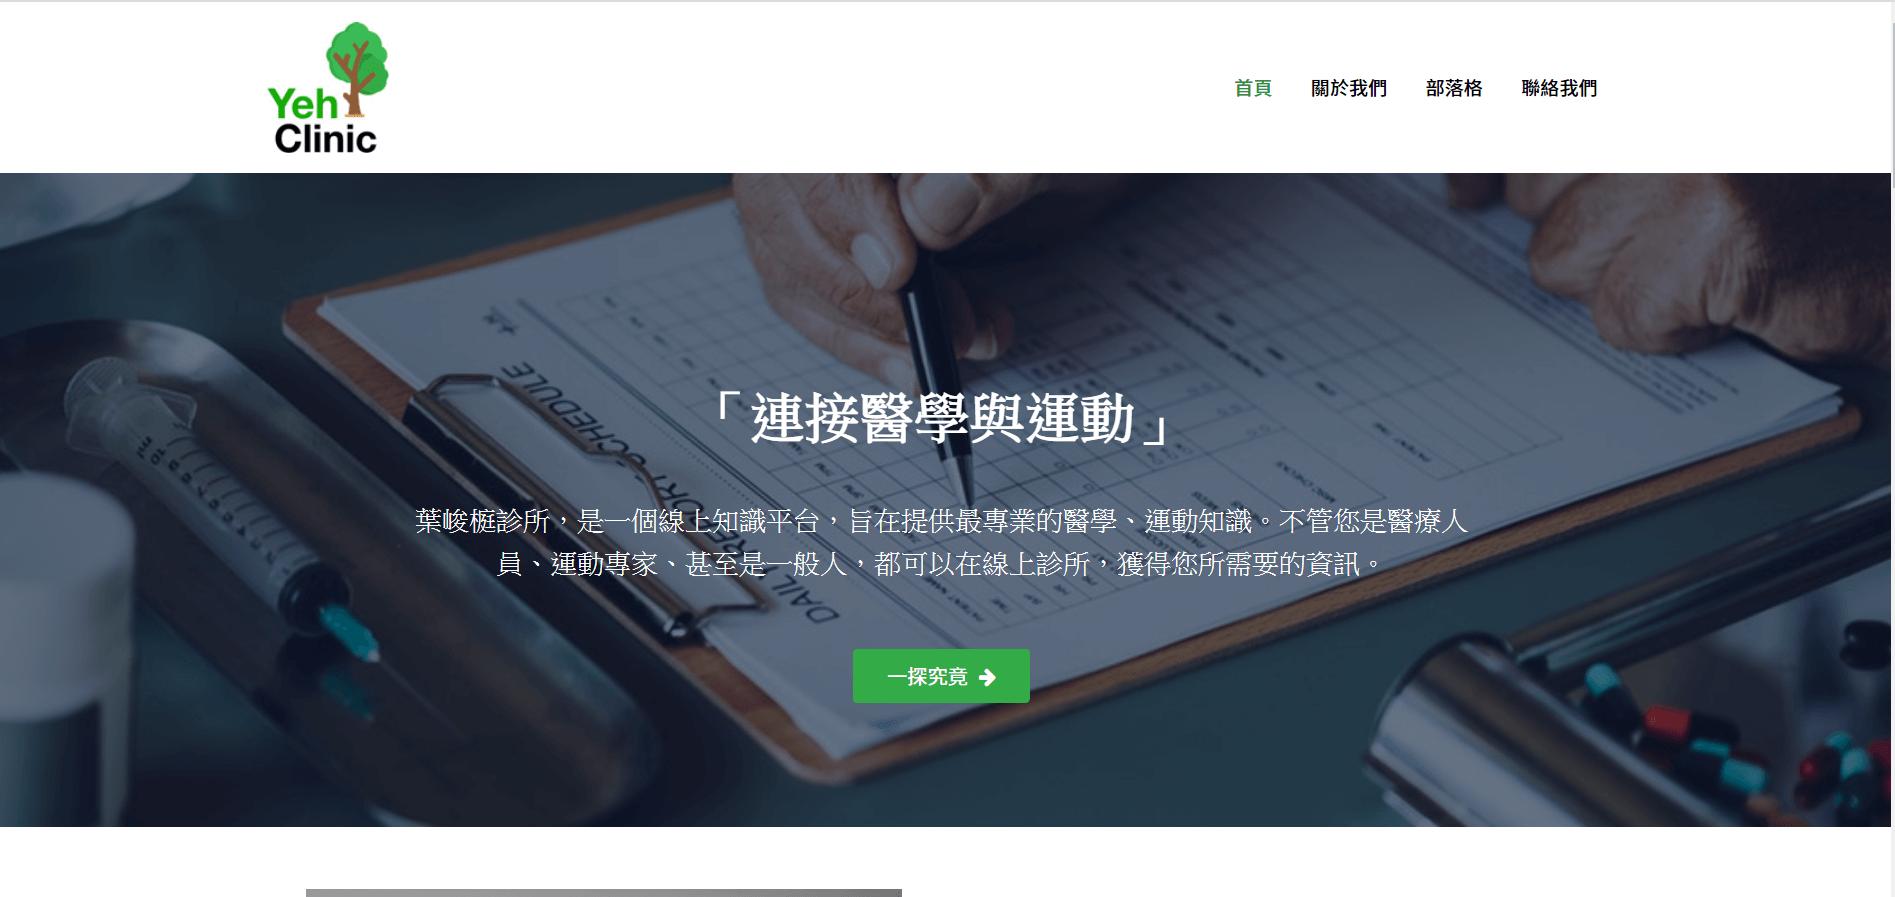 葉醫師網站-首頁-幻燈片